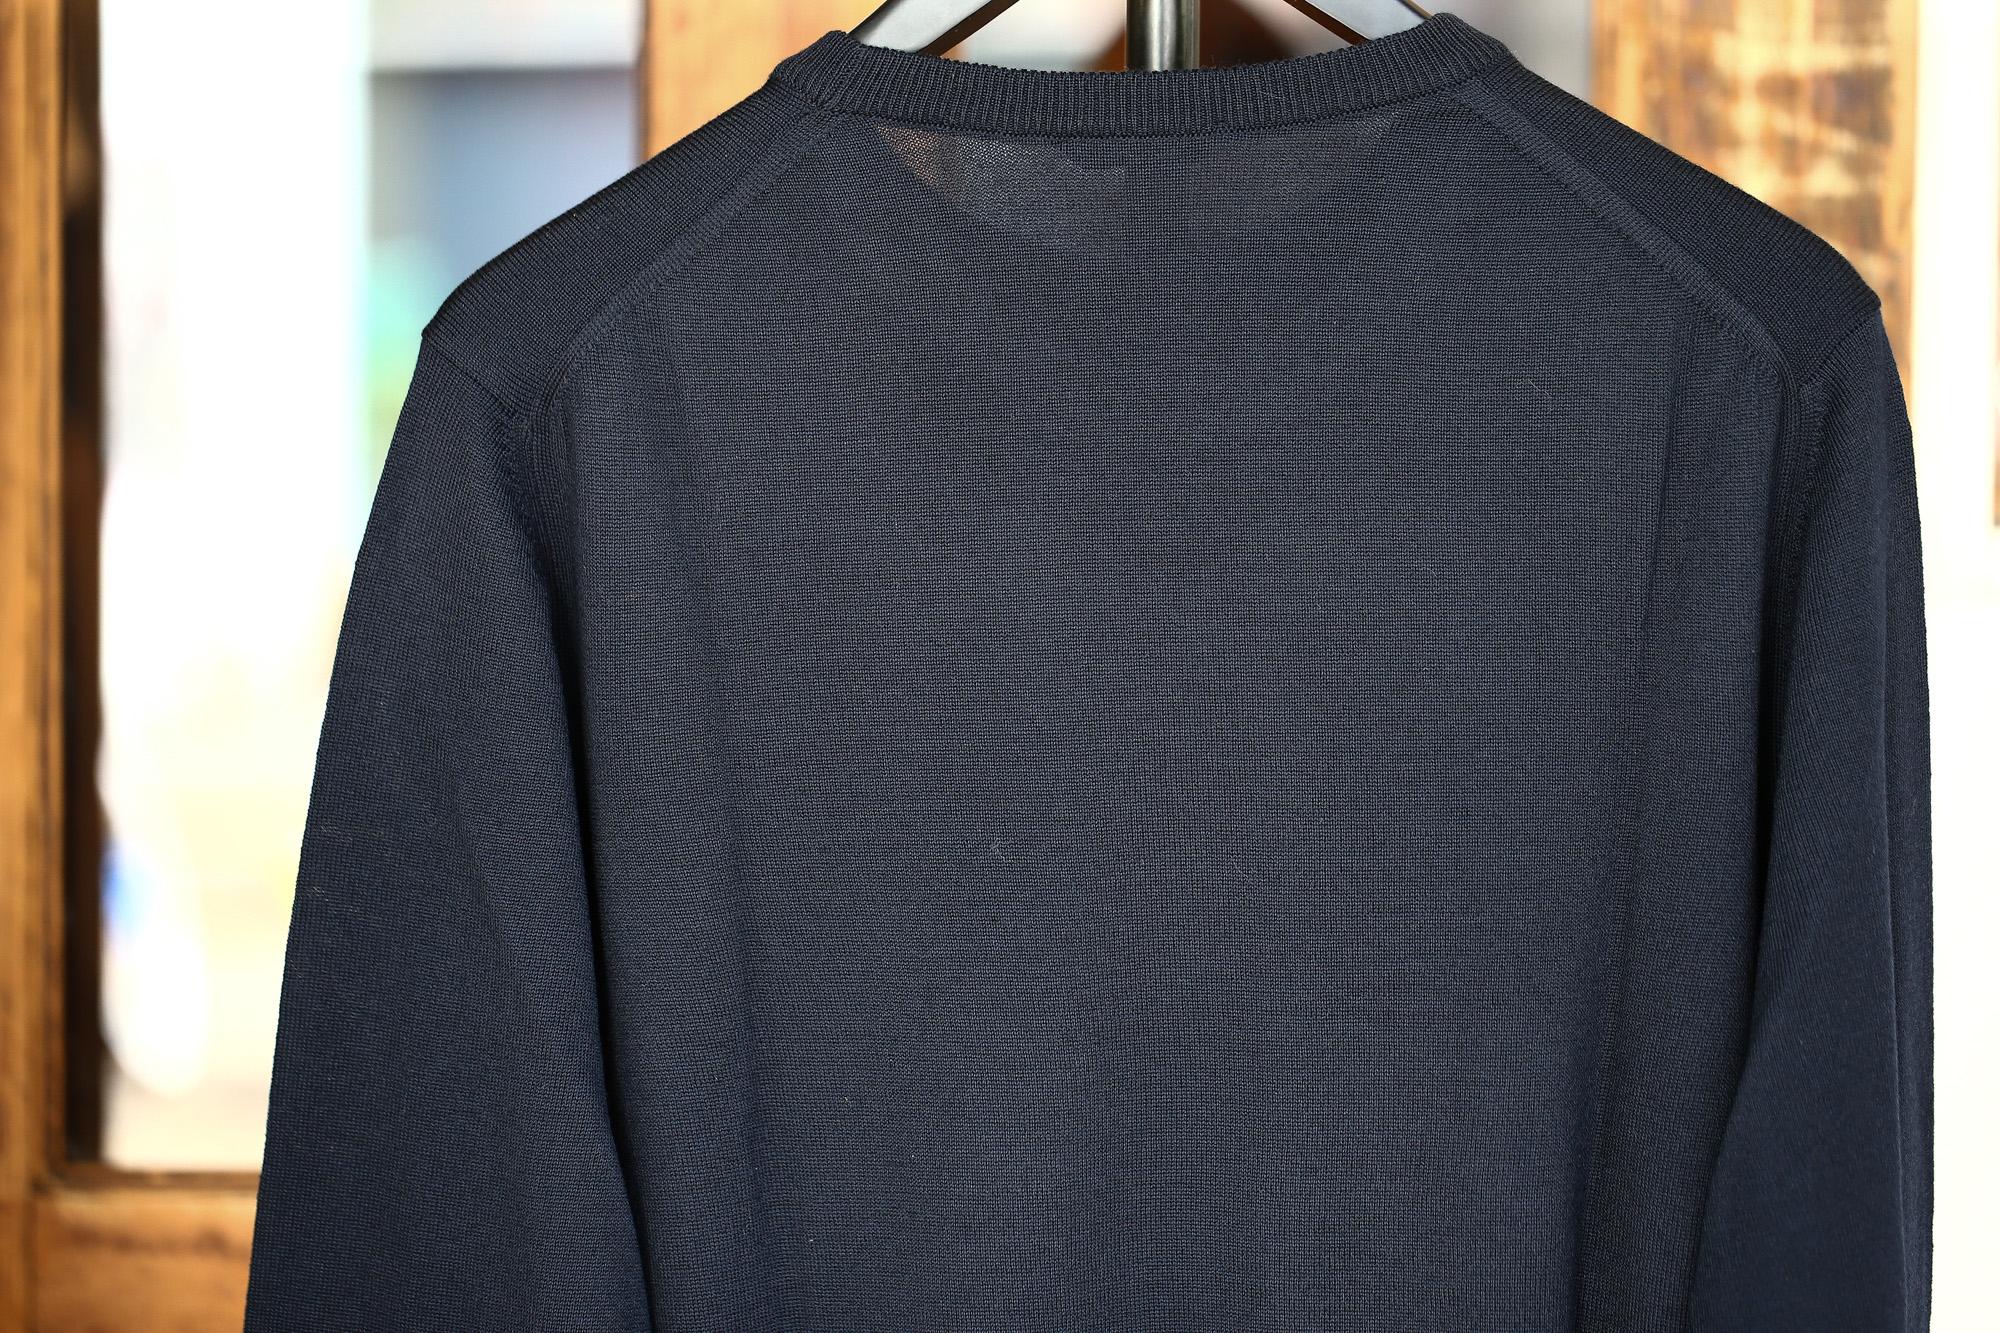 ZANONE (ザノーネ) Crew Neck Sweater (クルーネックセーター) VIRGIN WOOL 100% ヴァージンウール100% ハイゲージウールニットセーター NAVY (ネイビー・Z1375) made in italy (イタリア製) 2017 秋冬新作 zanone ザノーネ タートルネック 愛知 名古屋 Alto e Diritto アルト エ デリット タートル